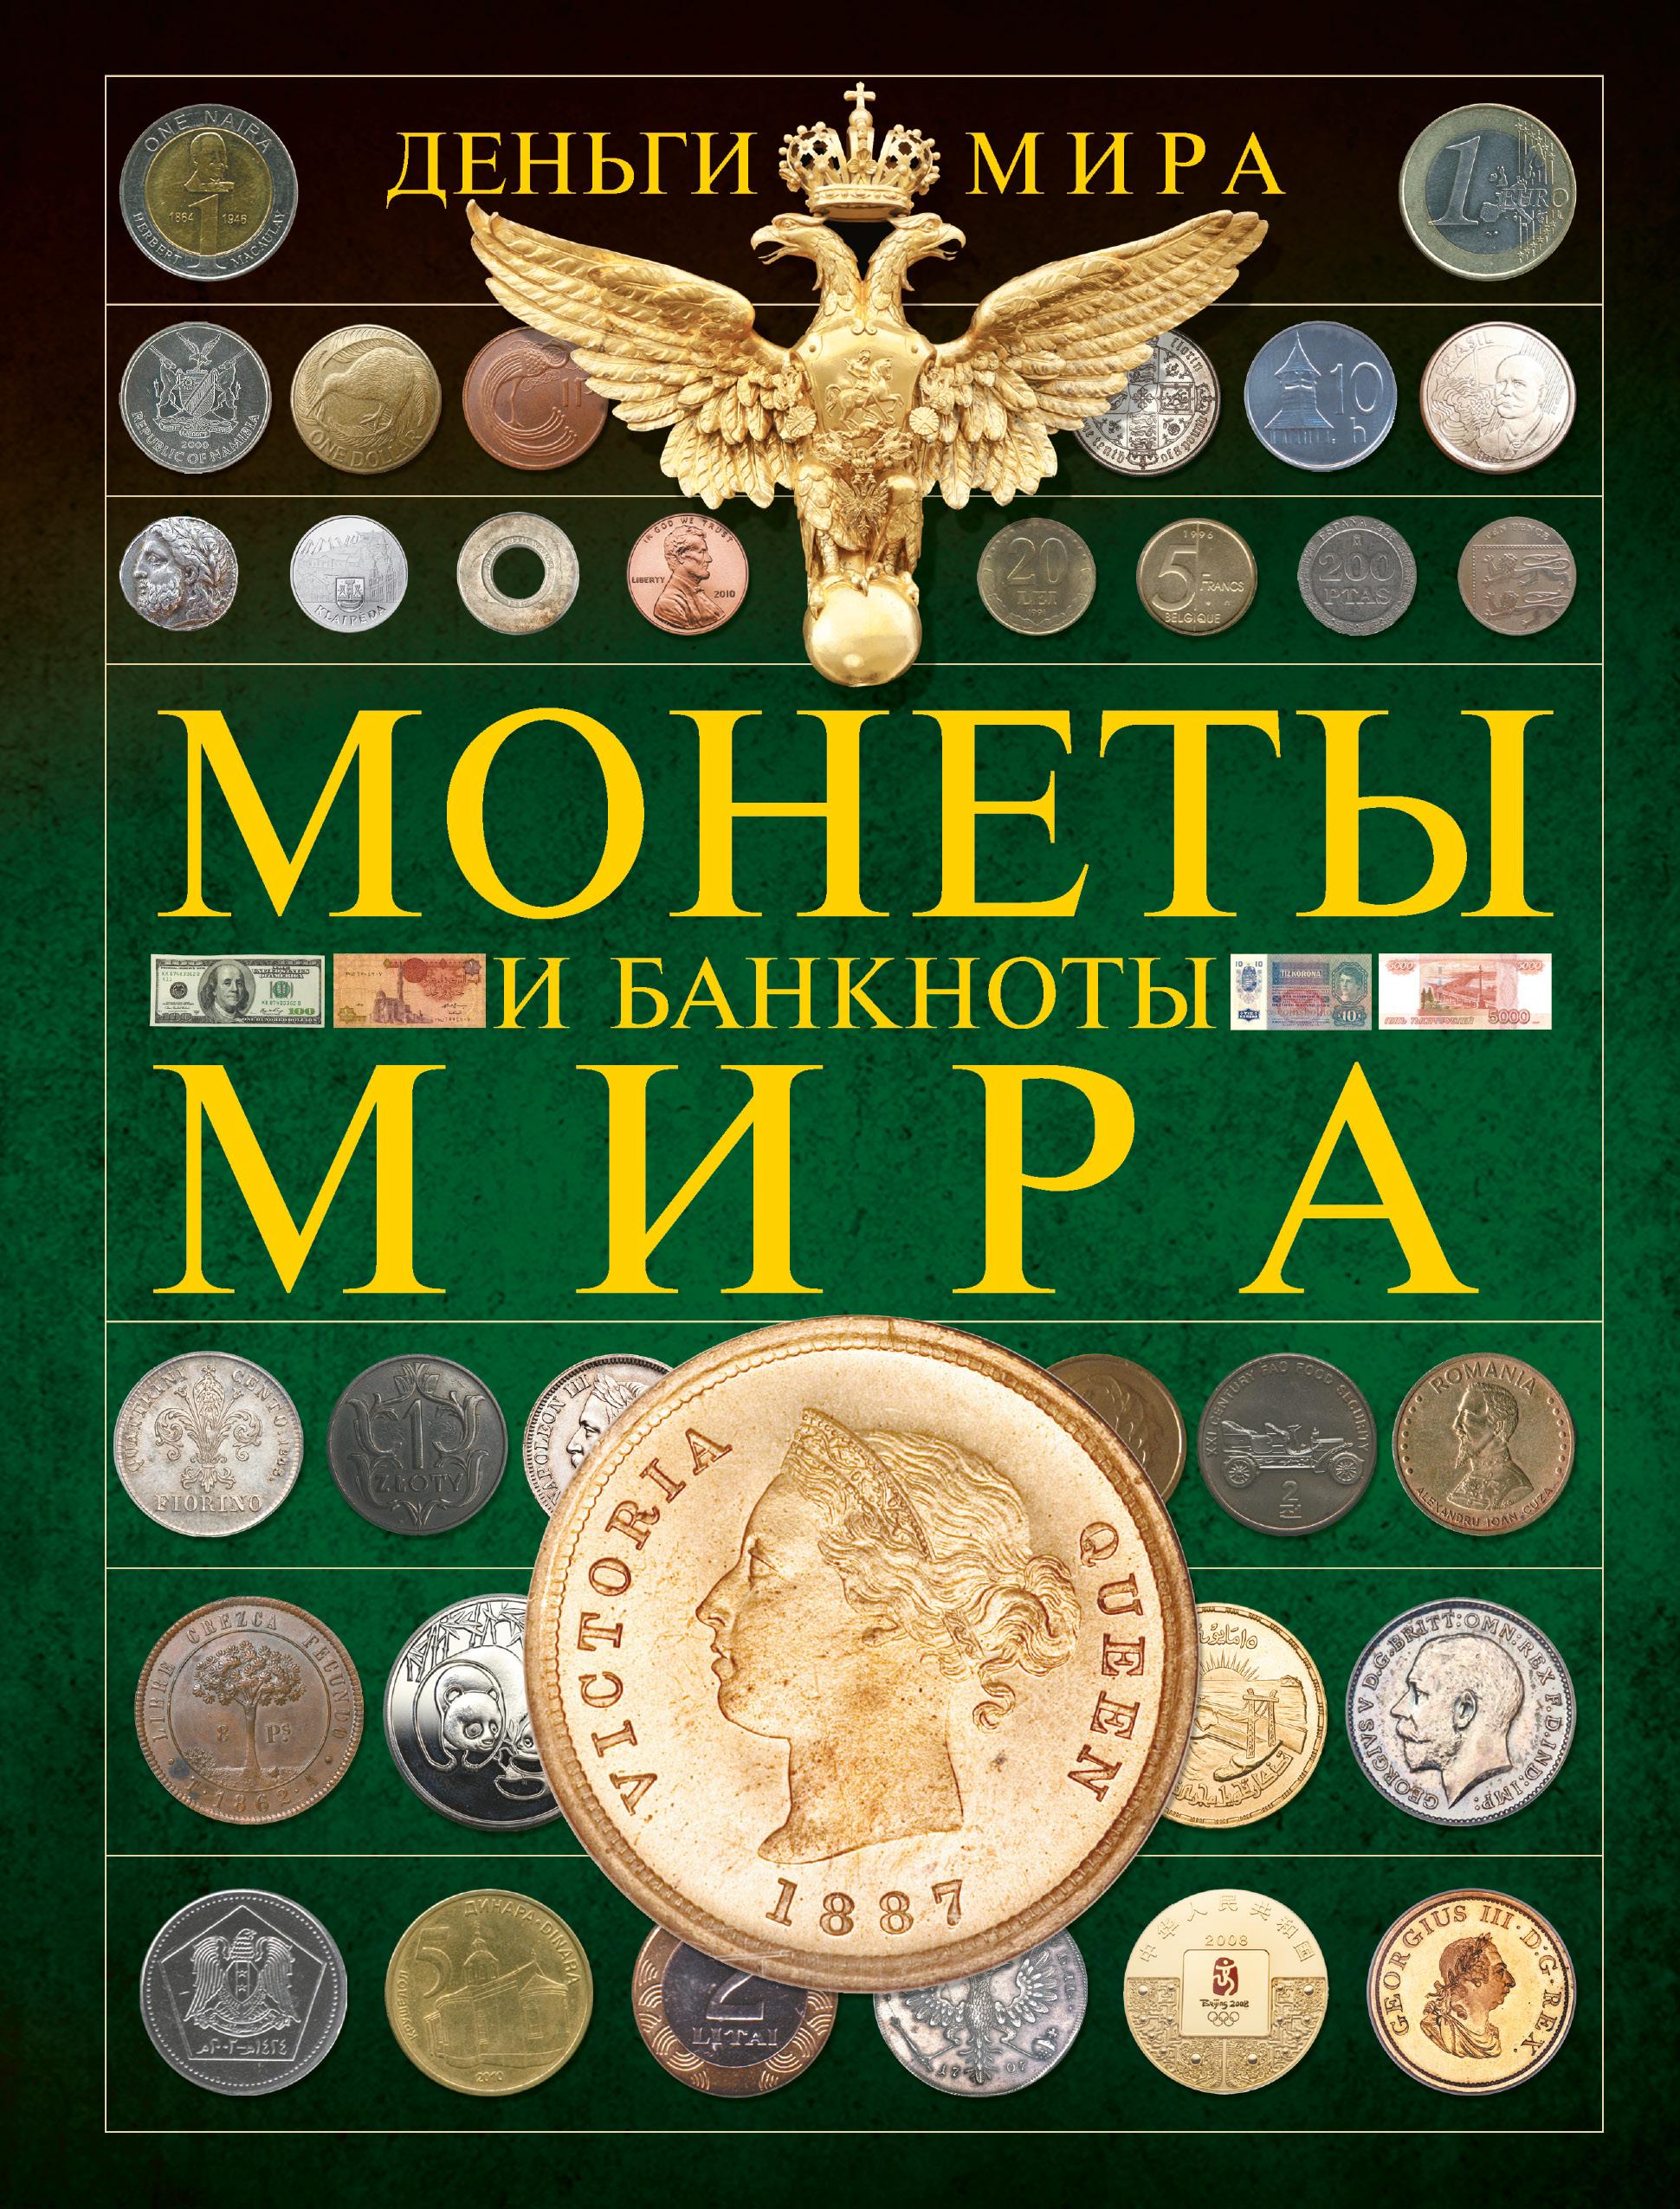 Монеты и банкноты мира. Деньги мира ( Кошевар Д.В.  )